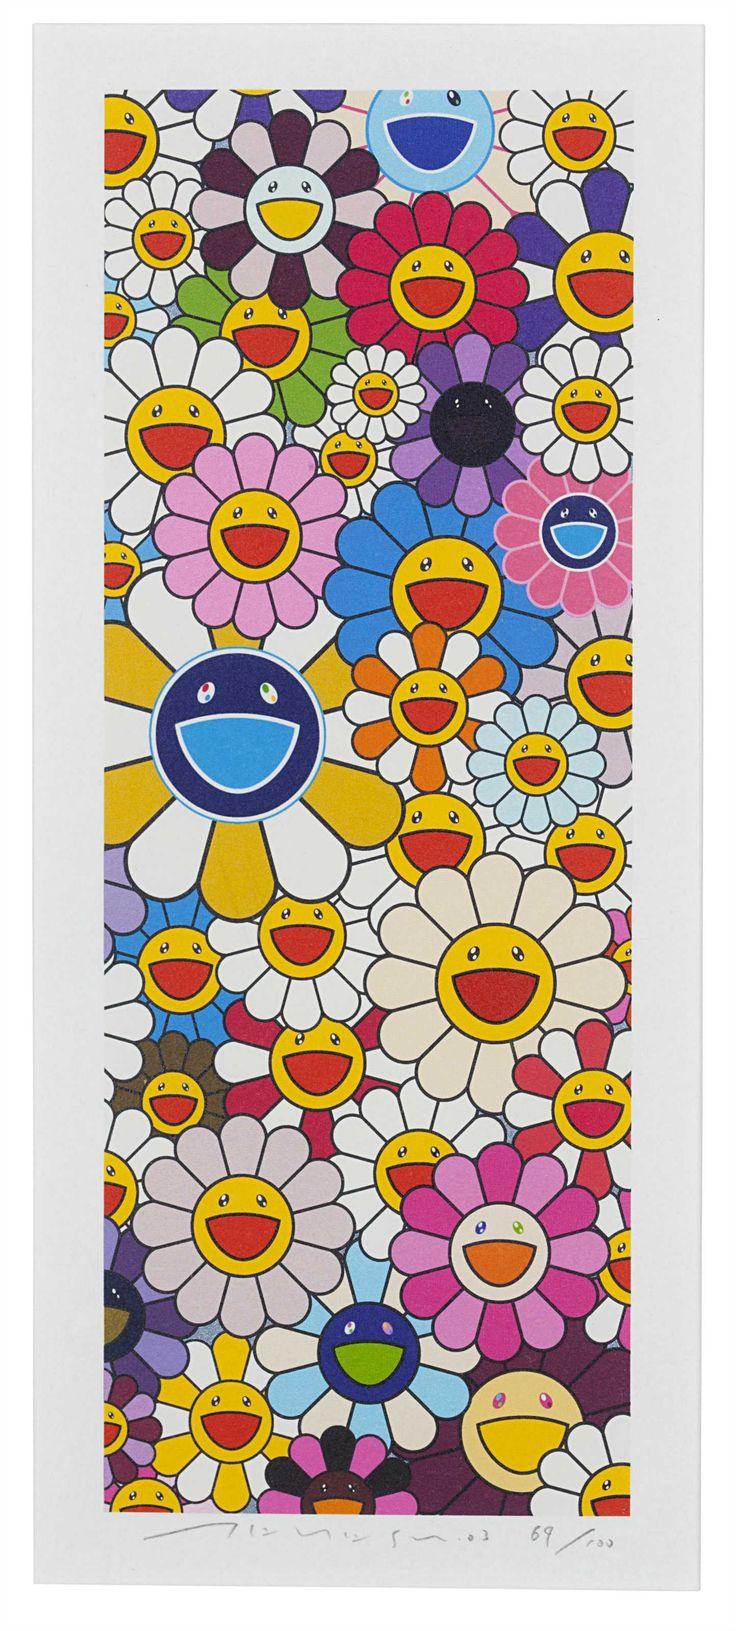 Takashi murakami sun flowers and contemporary art uniqlog - Floflowers Christie S Neon Dreams Editioned Works By Kusama Murakami And Nara